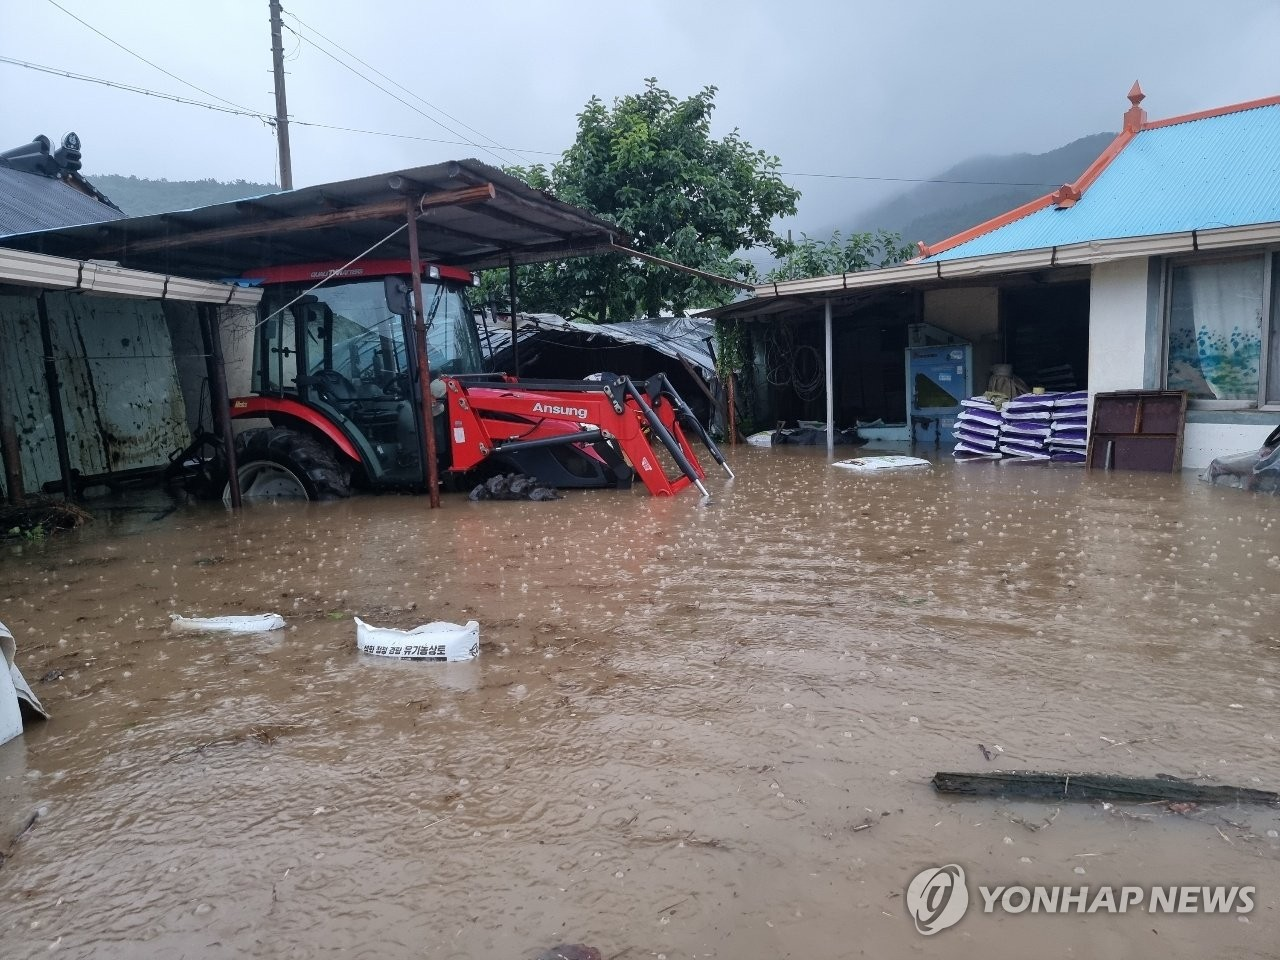 7月6日上午,暴雨突袭韩国西南地区。图为海南郡马山面月山村一带被水淹没,水深已至成人膝盖。 韩联社/读者供图(图片严禁转载复制)